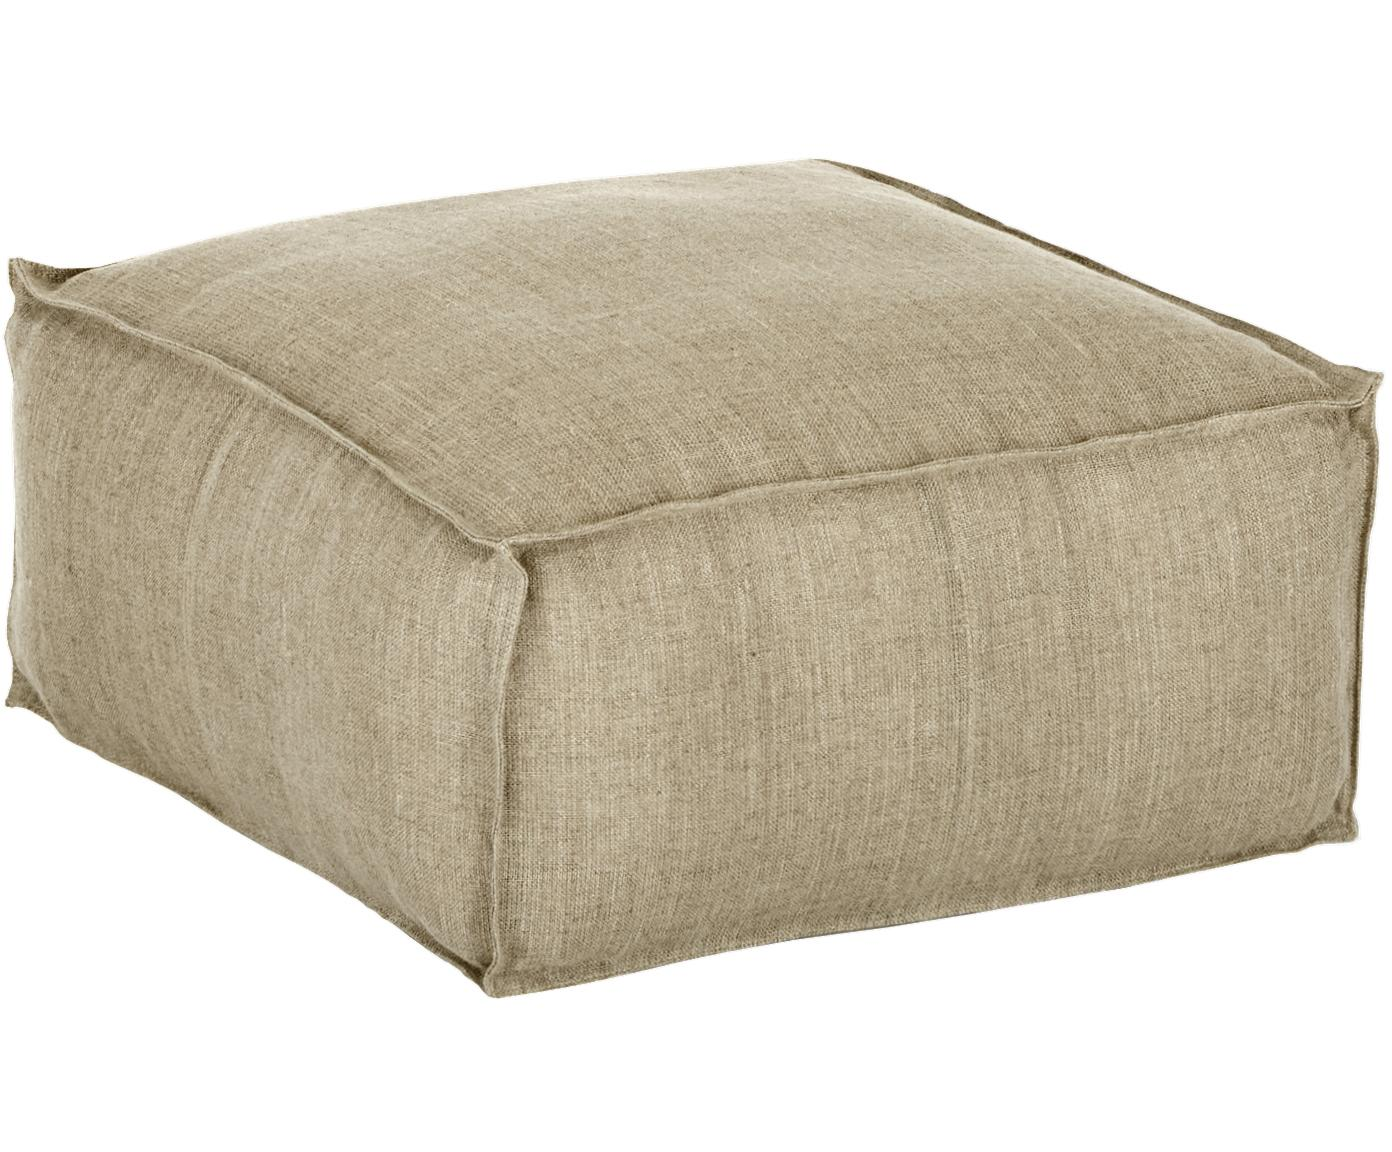 Handgefertigtes Leinen-Bodenkissen Saffron, Bezug: 100% Leinen, Unterseite: Baumwolle, Taupe, 50 x 25 cm